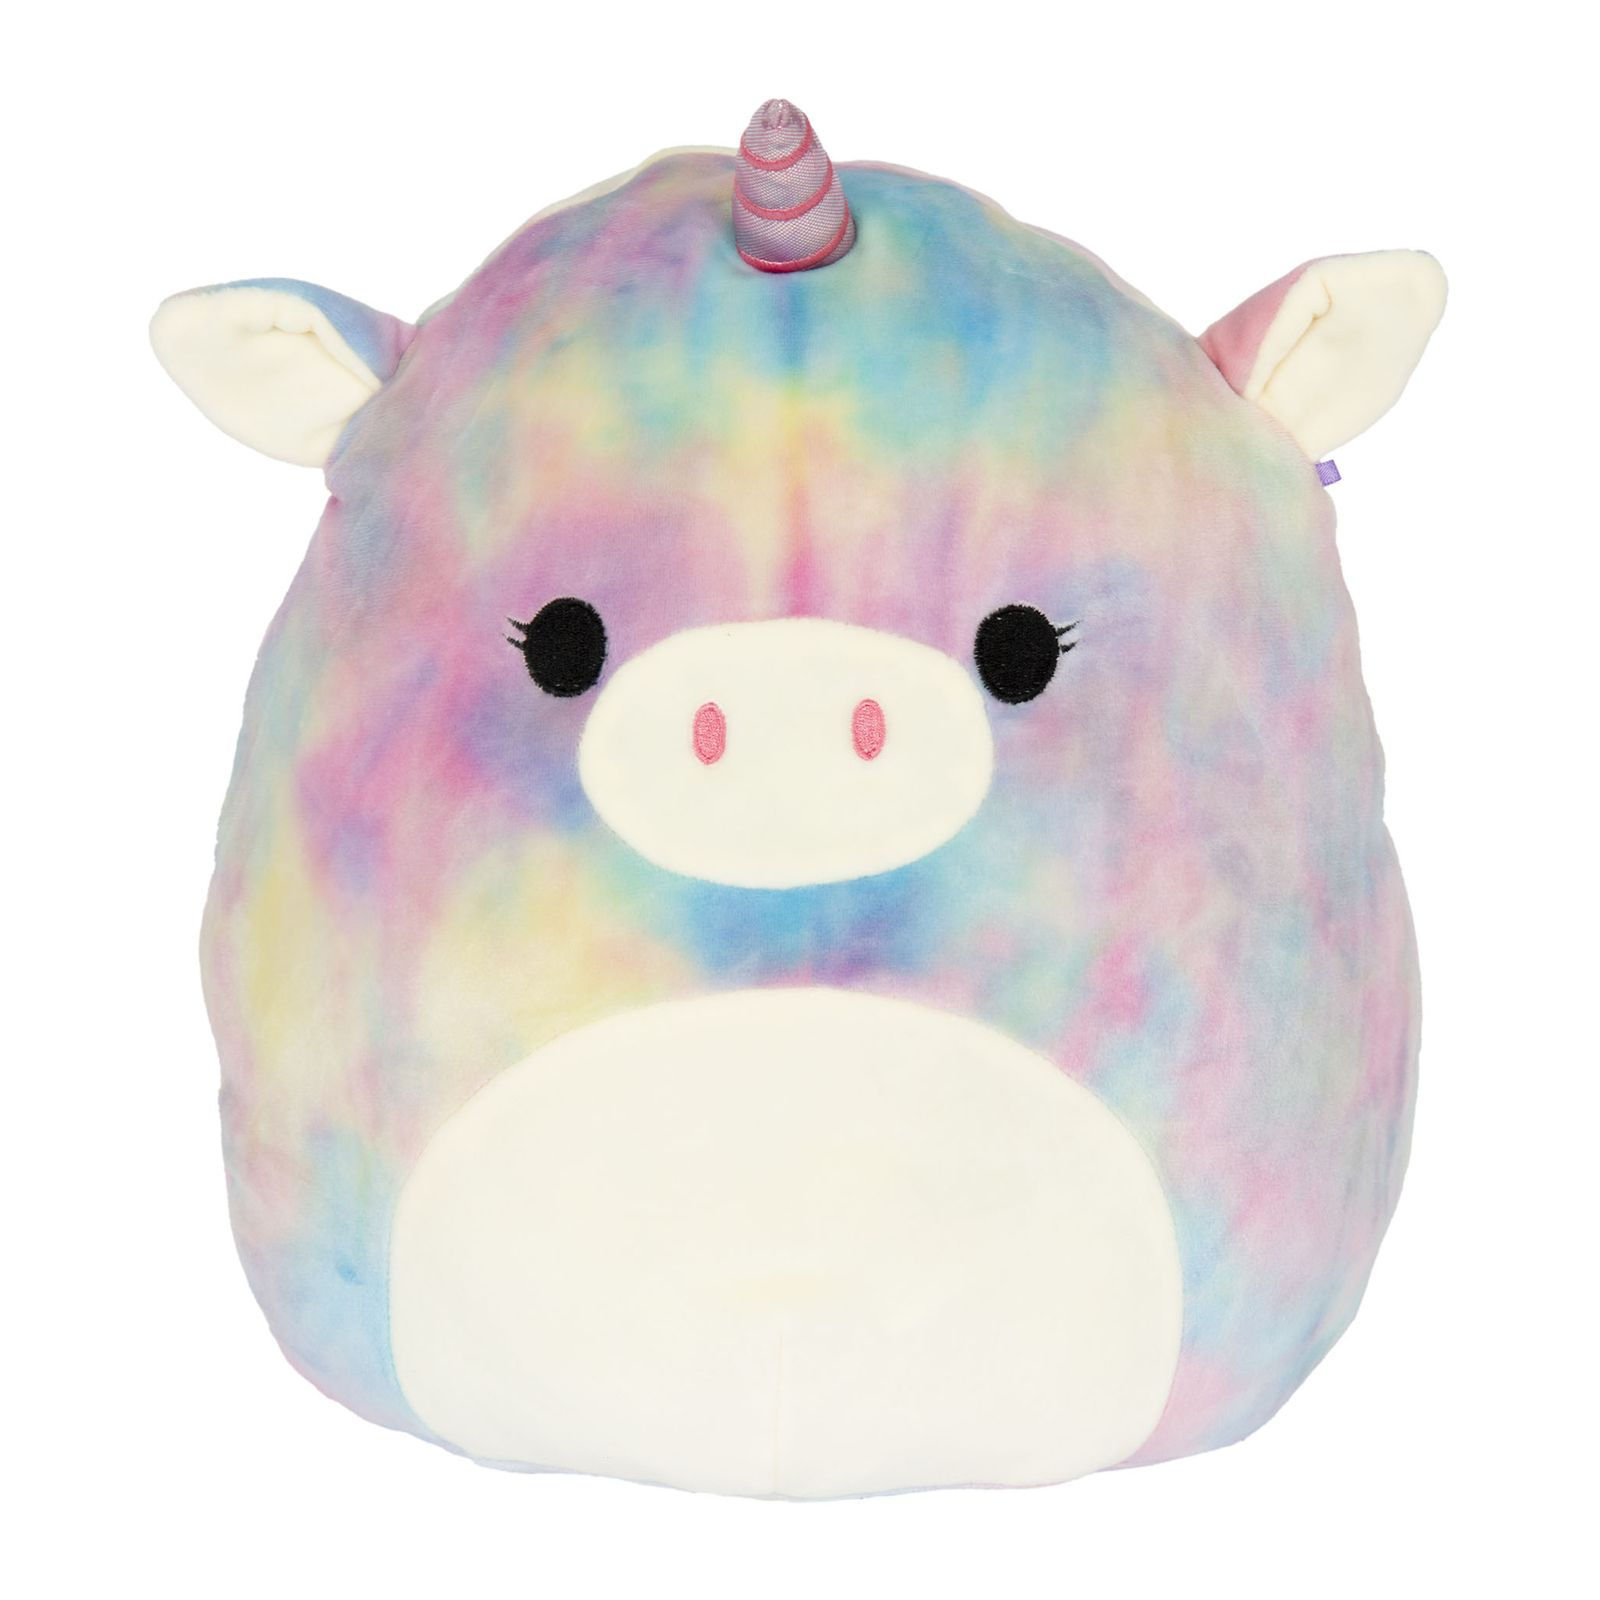 Squishmallows 7 Plush Esmeralda The Rainbow Unicorn Animal Pillows Unicorn Toys Pillow Pals